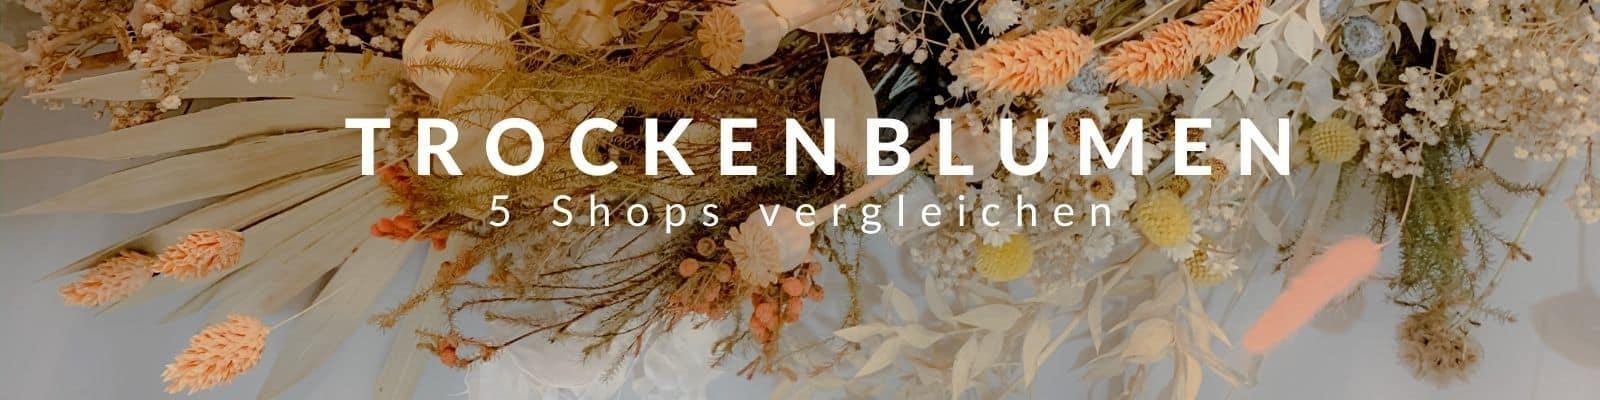 Trockenblumen online